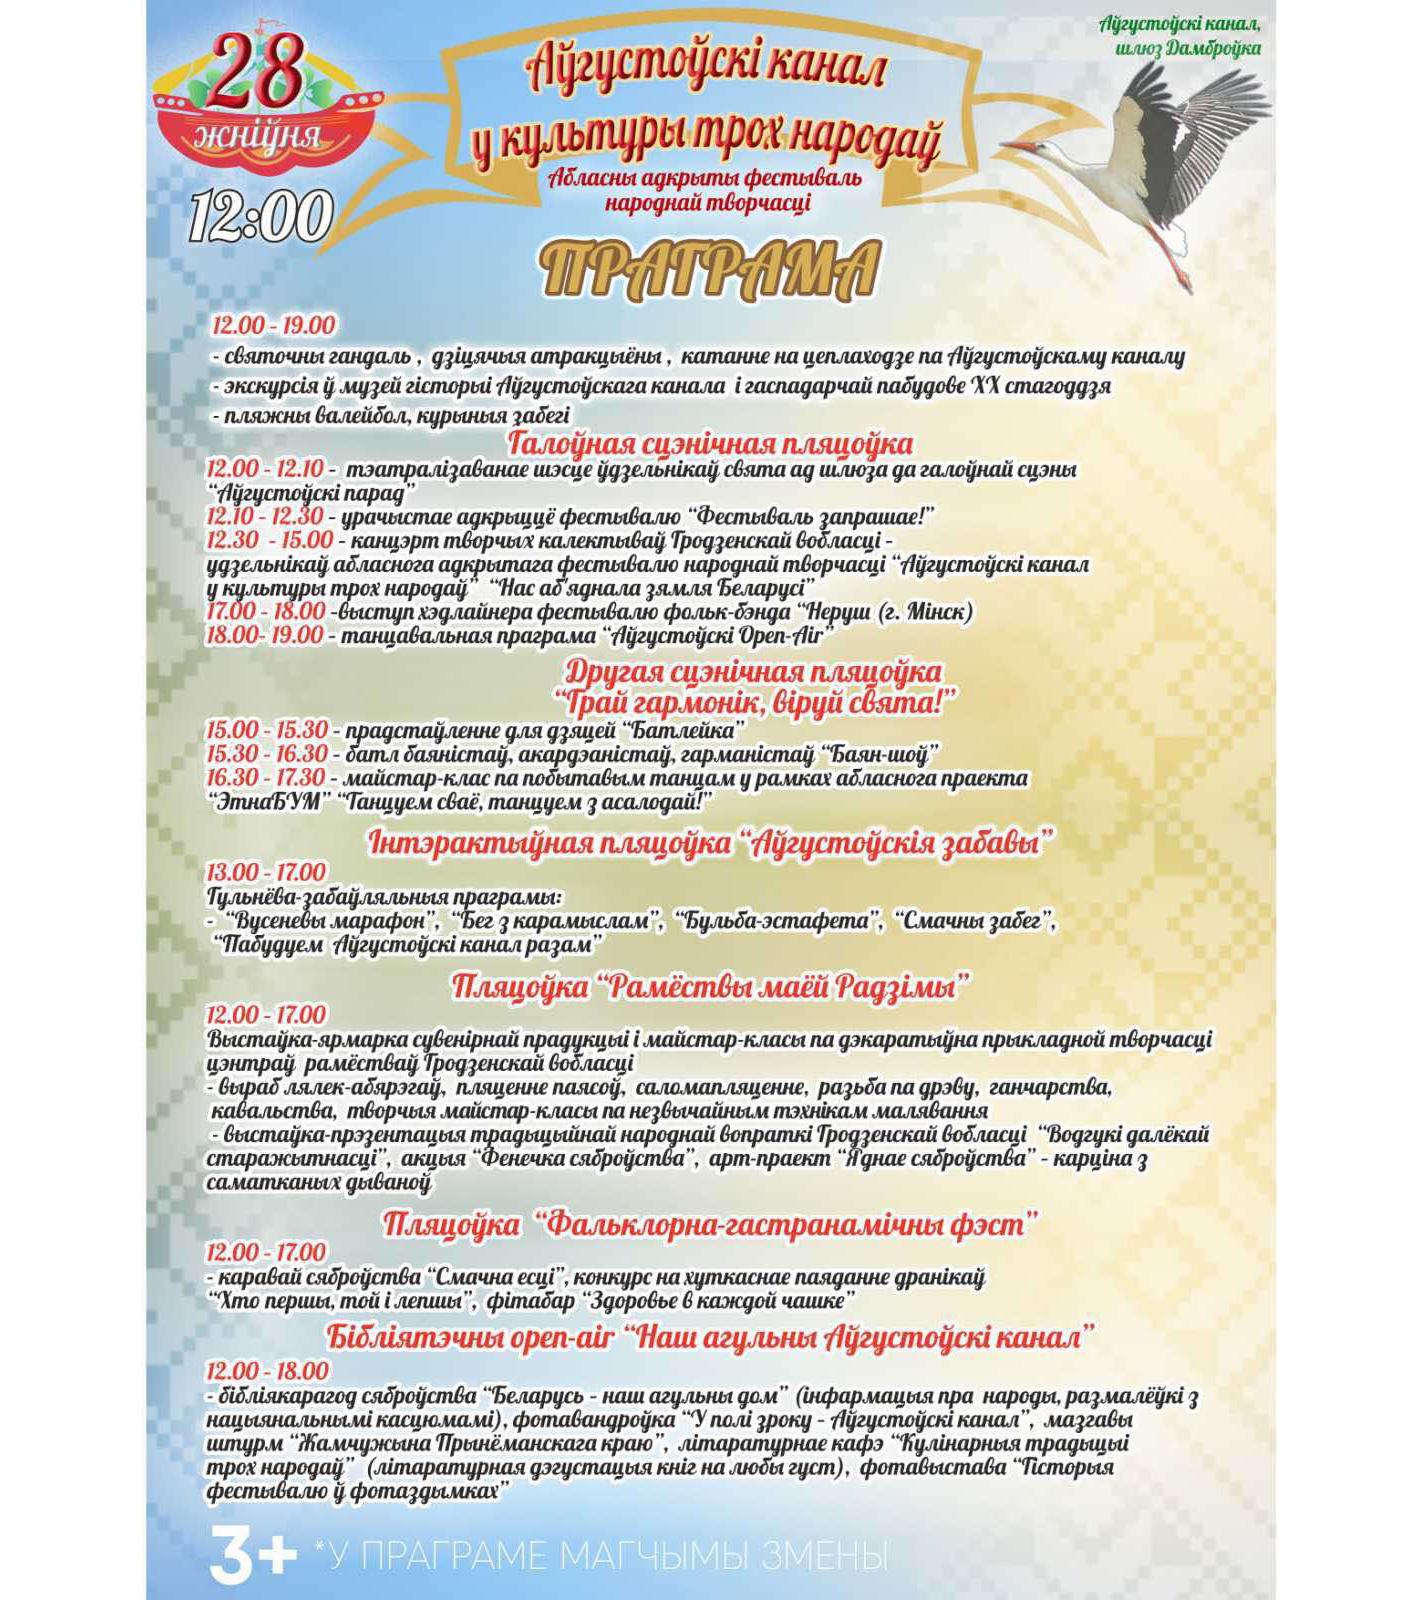 Фестиваль творчества «Августовский канал в культуре трёх народов»